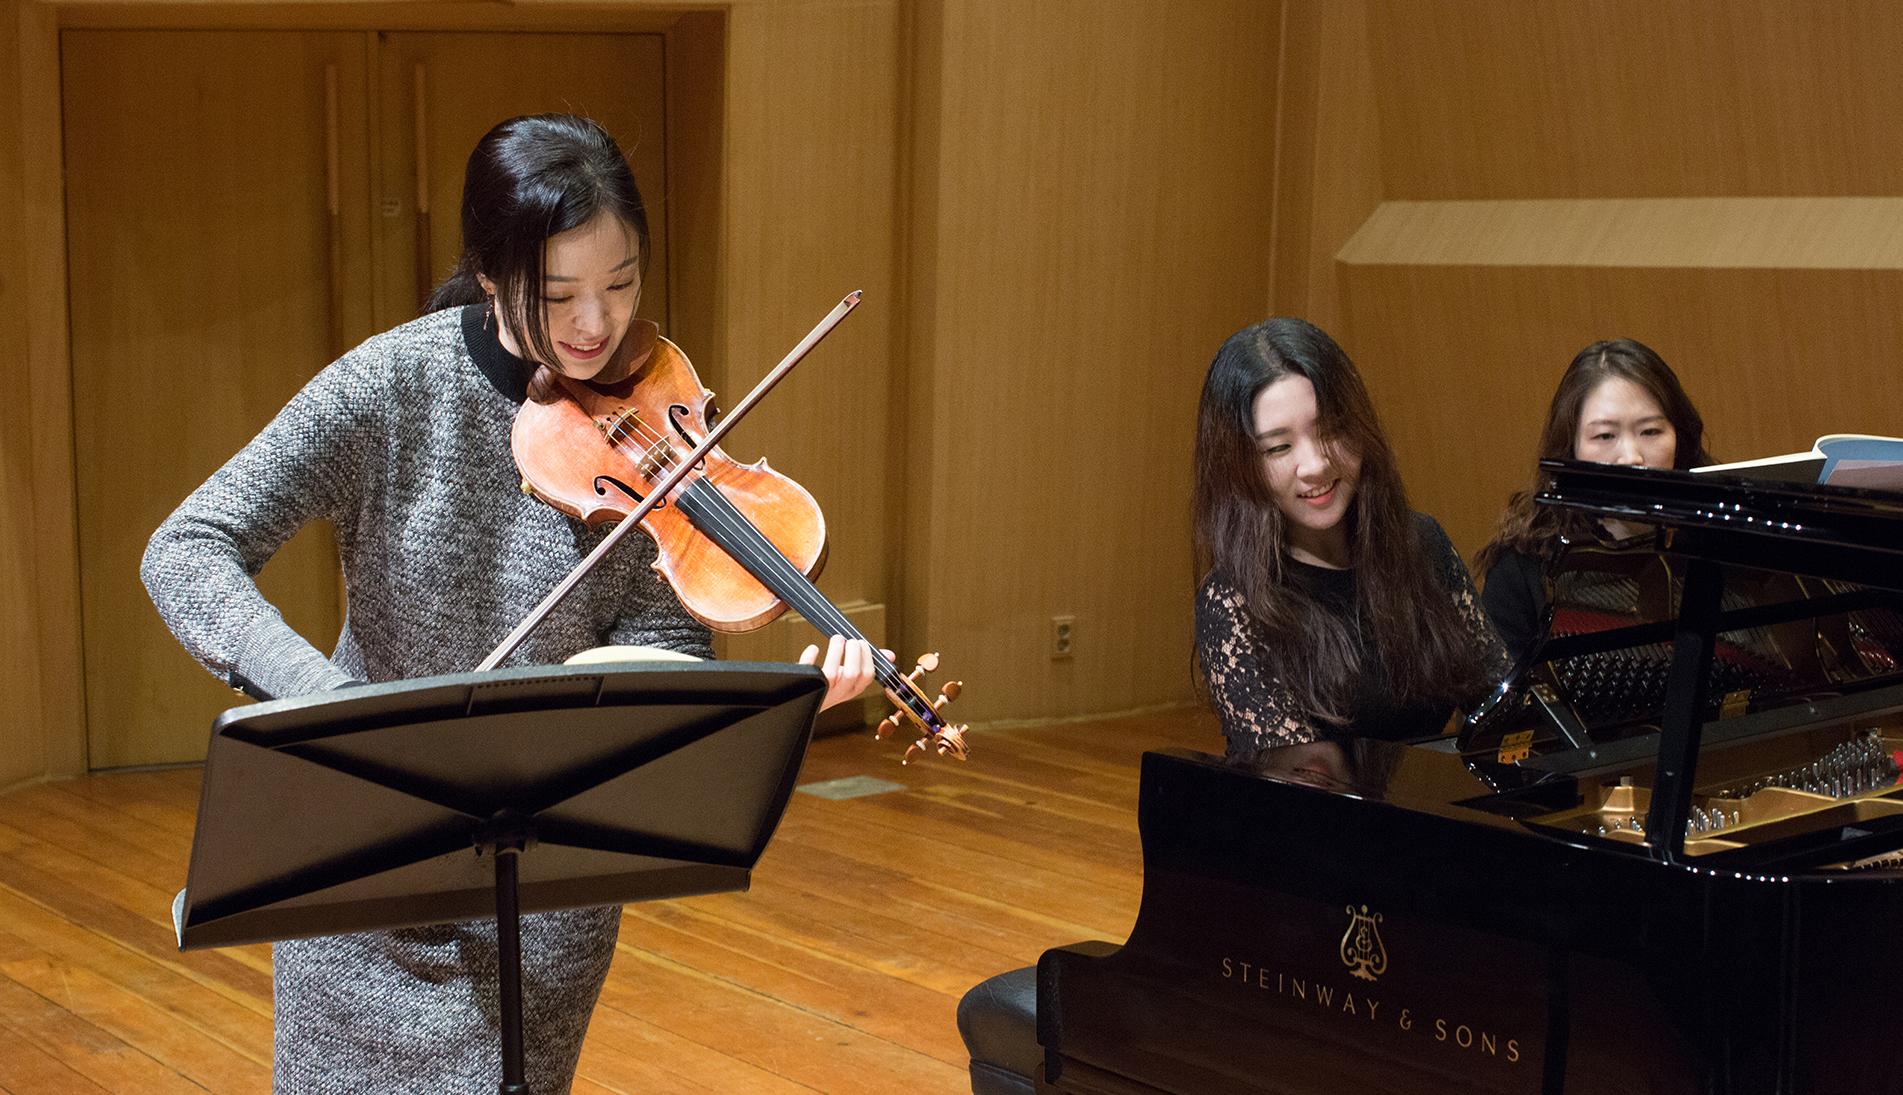 브람스의 바이올린 소나타를 연주하기 위해 다시 만난 김다미·문지영 듀오. 낭만파를 사랑하는 이들의 리허설 무대를 찾았다.